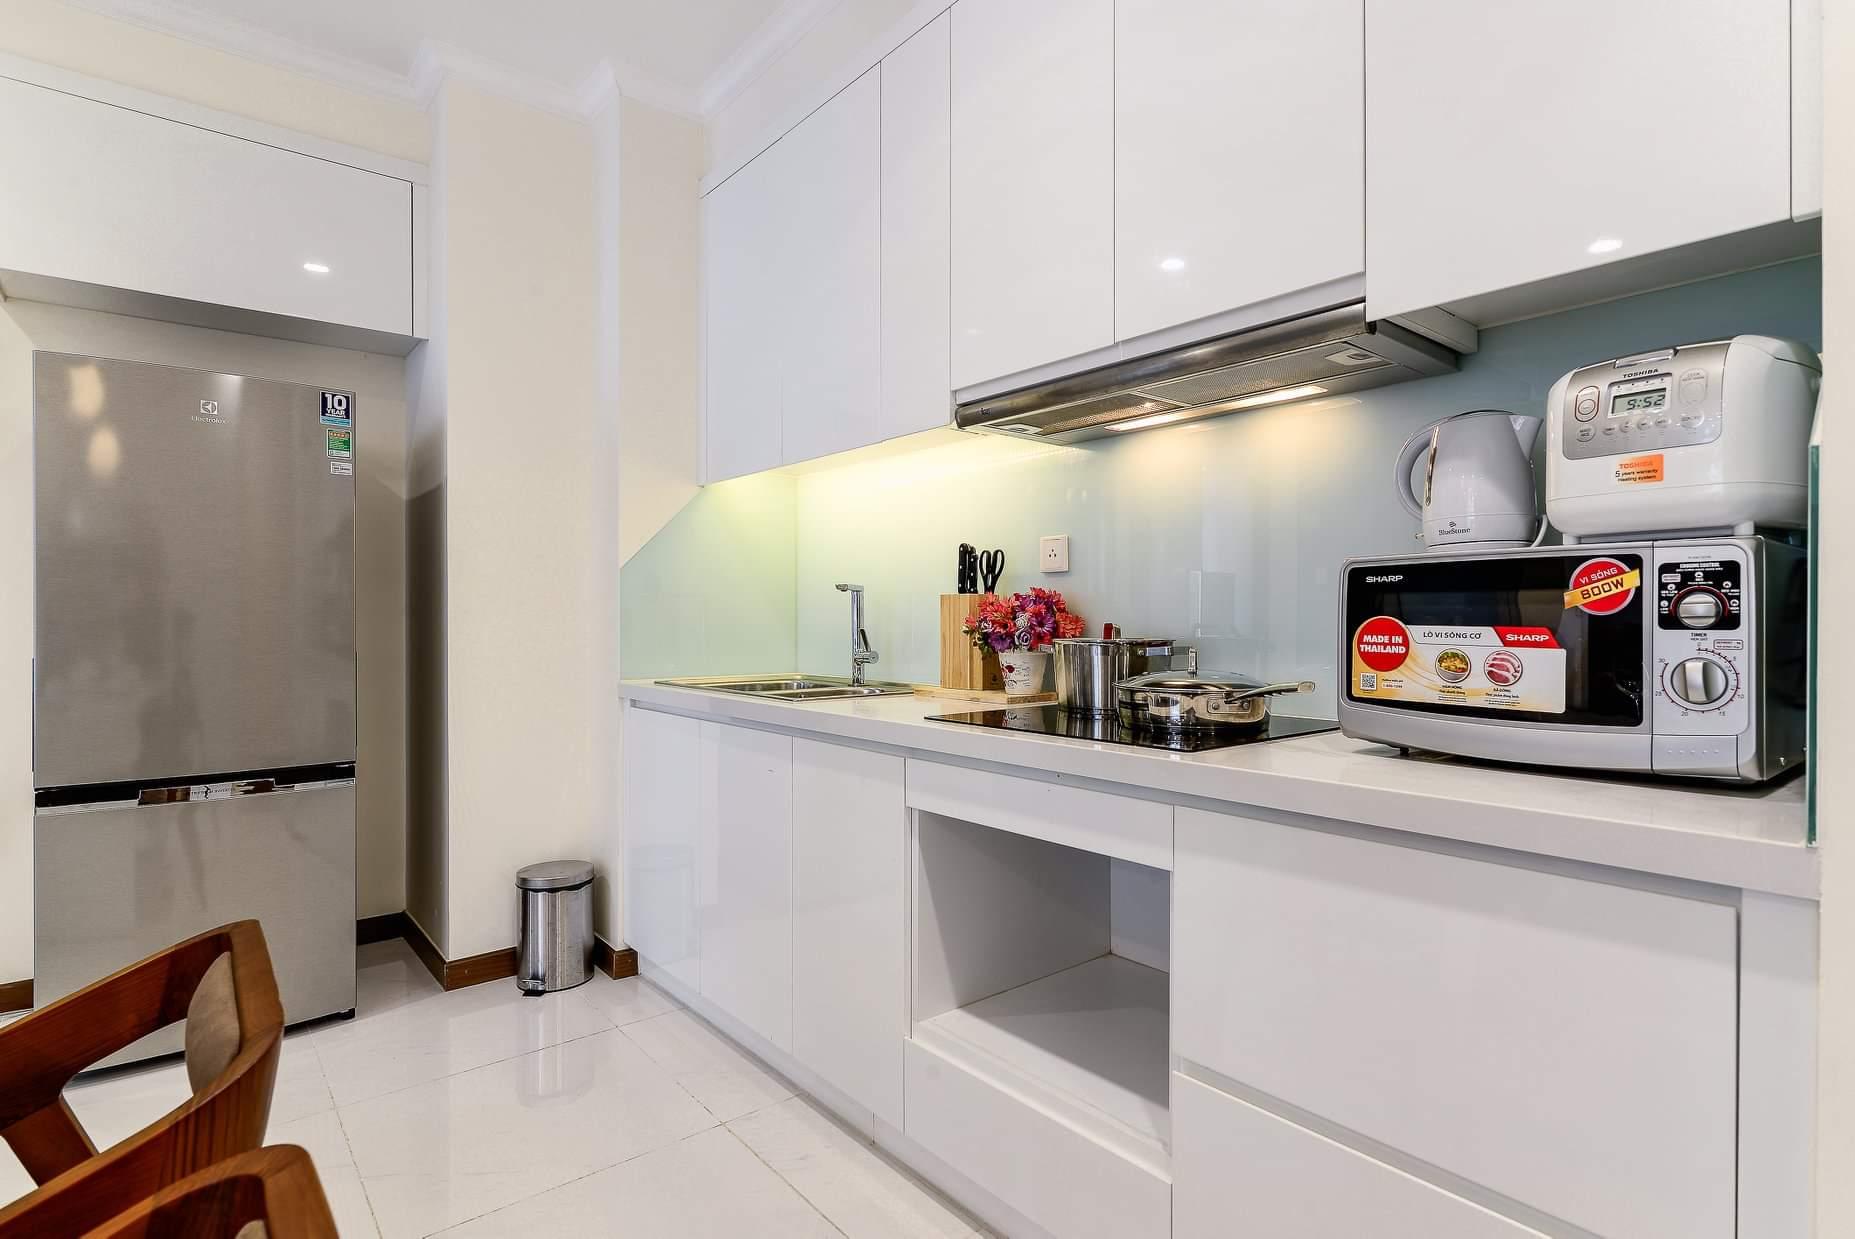 nội thất chung cư 70m2 2 phòng ngủ giá rẻ